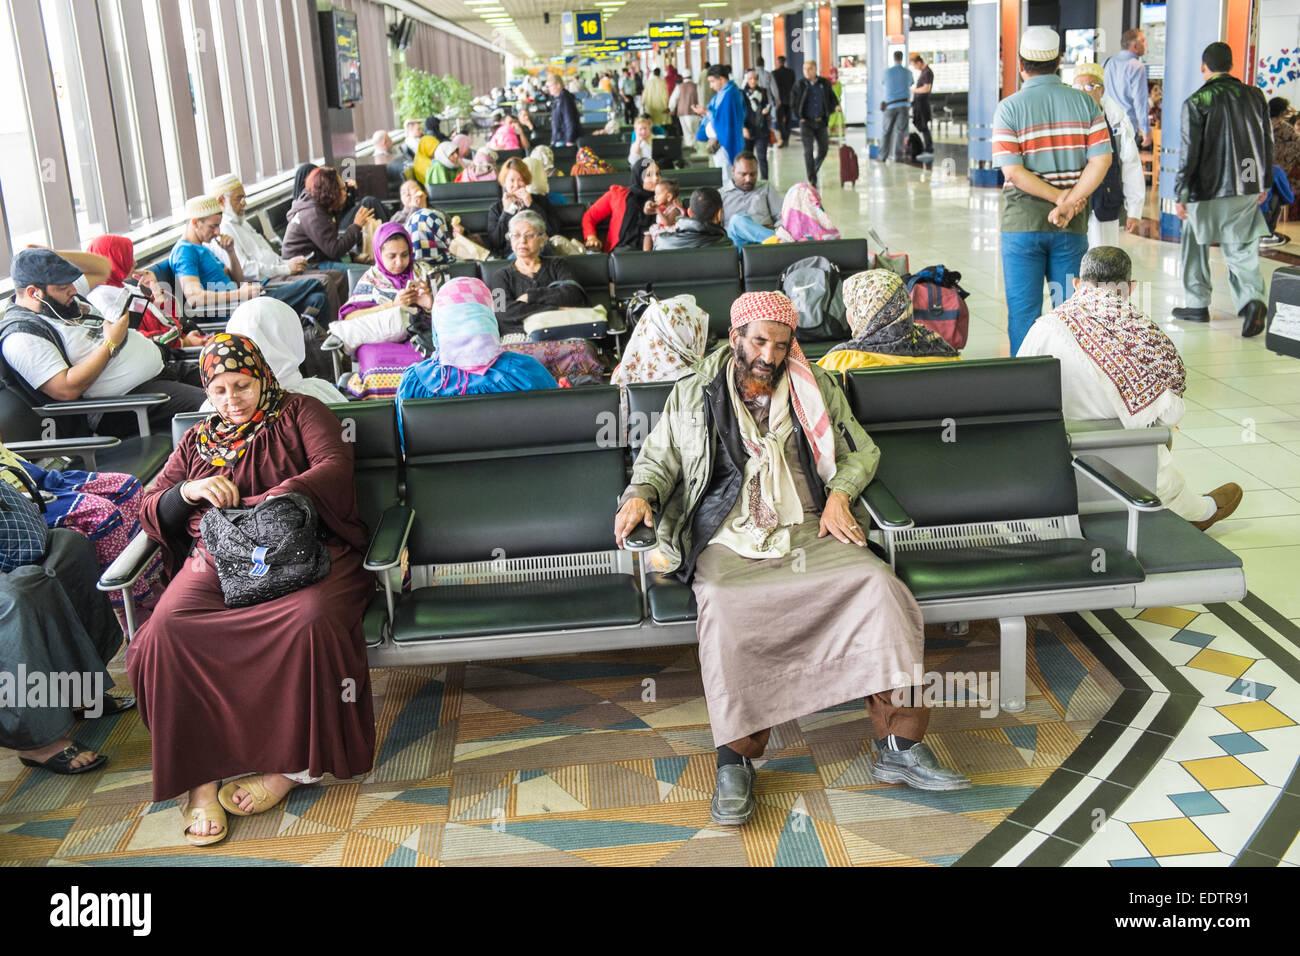 El Aeropuerto Internacional de Bahrein, Bahrein, Oriente Medio Imagen De Stock